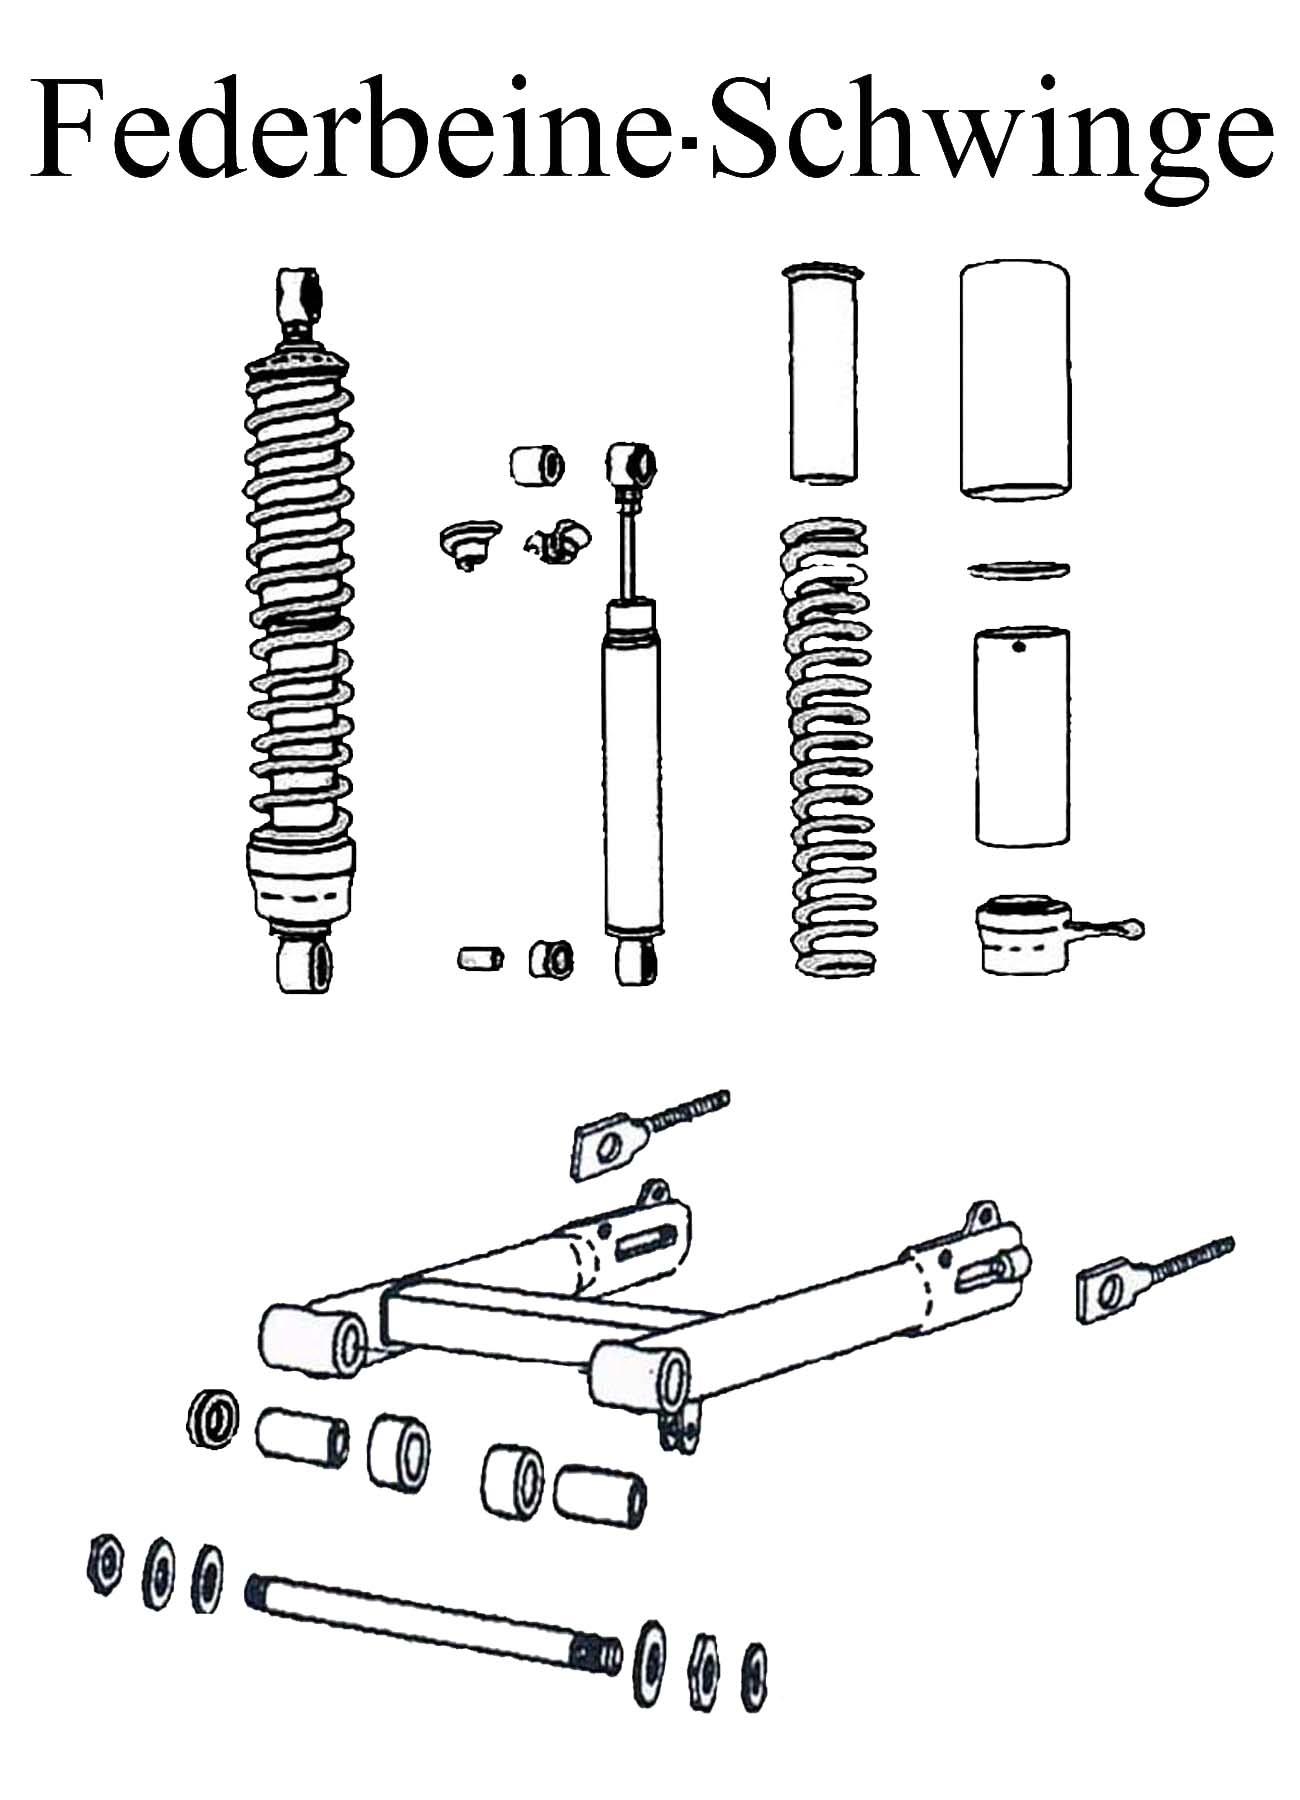 DDR-Motorrad MZ ETZ 251 Ersatzteileliste Hinterradfederung Federbeine Stoßdämpferelement Schwingenlagerbolzen Gummi Kettenspanner